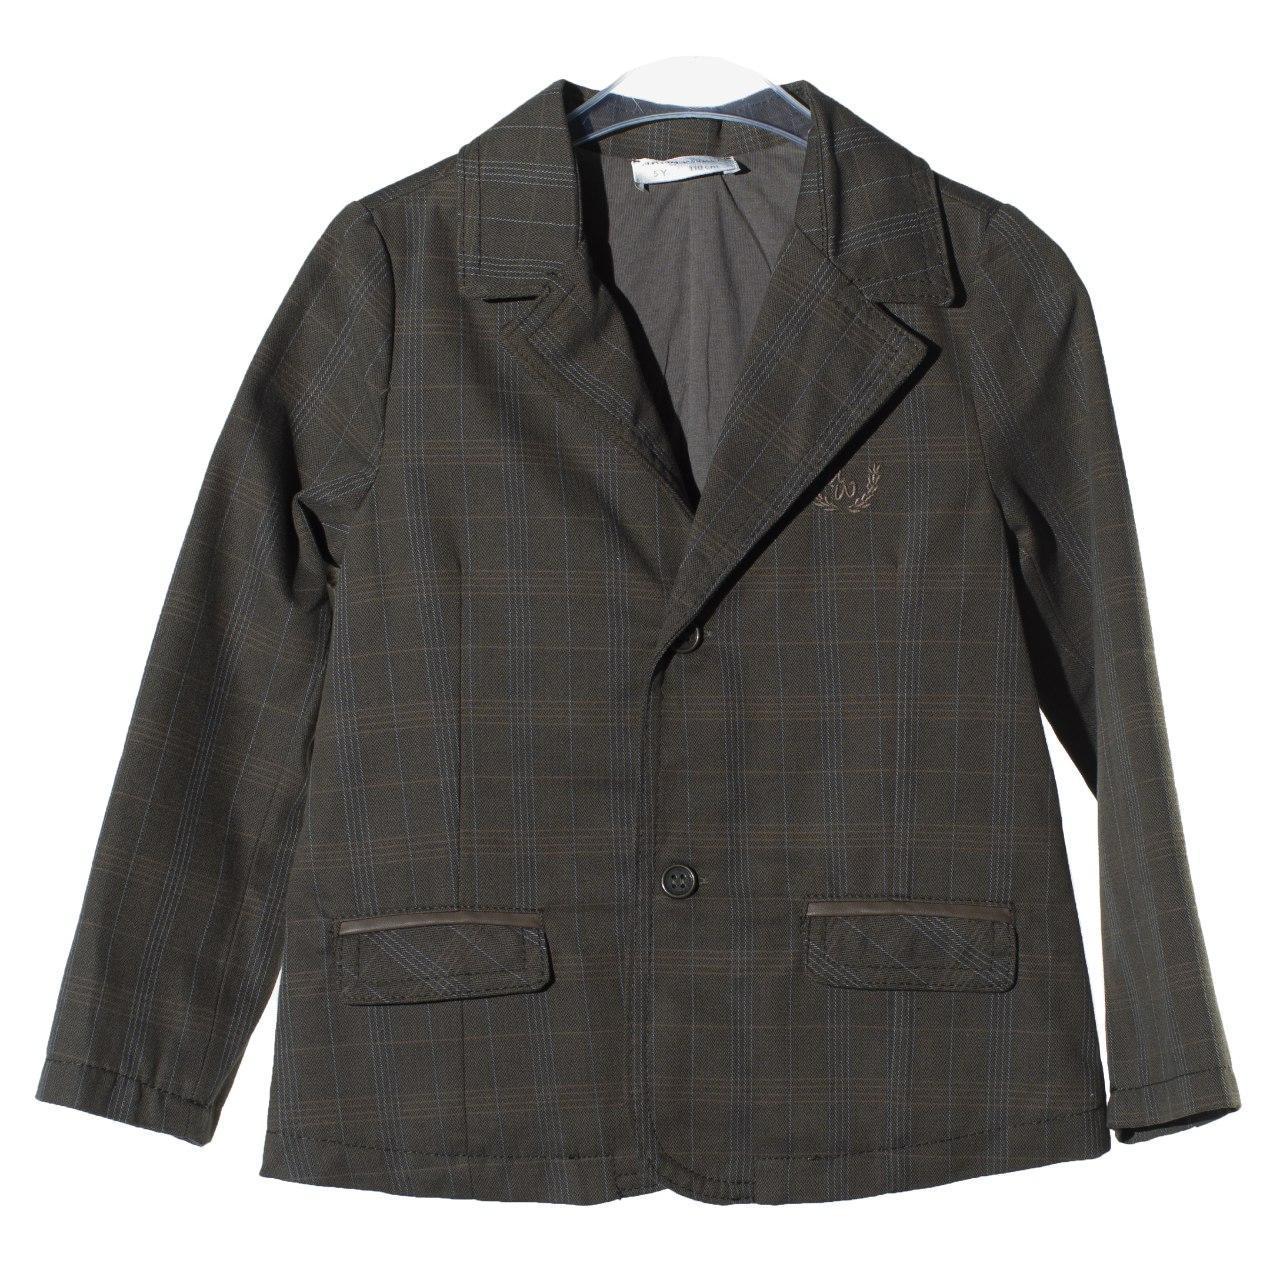 Утепленный пиджак для мальчика, размеры 3 года, 4, 5, 6, 7, 8 лет